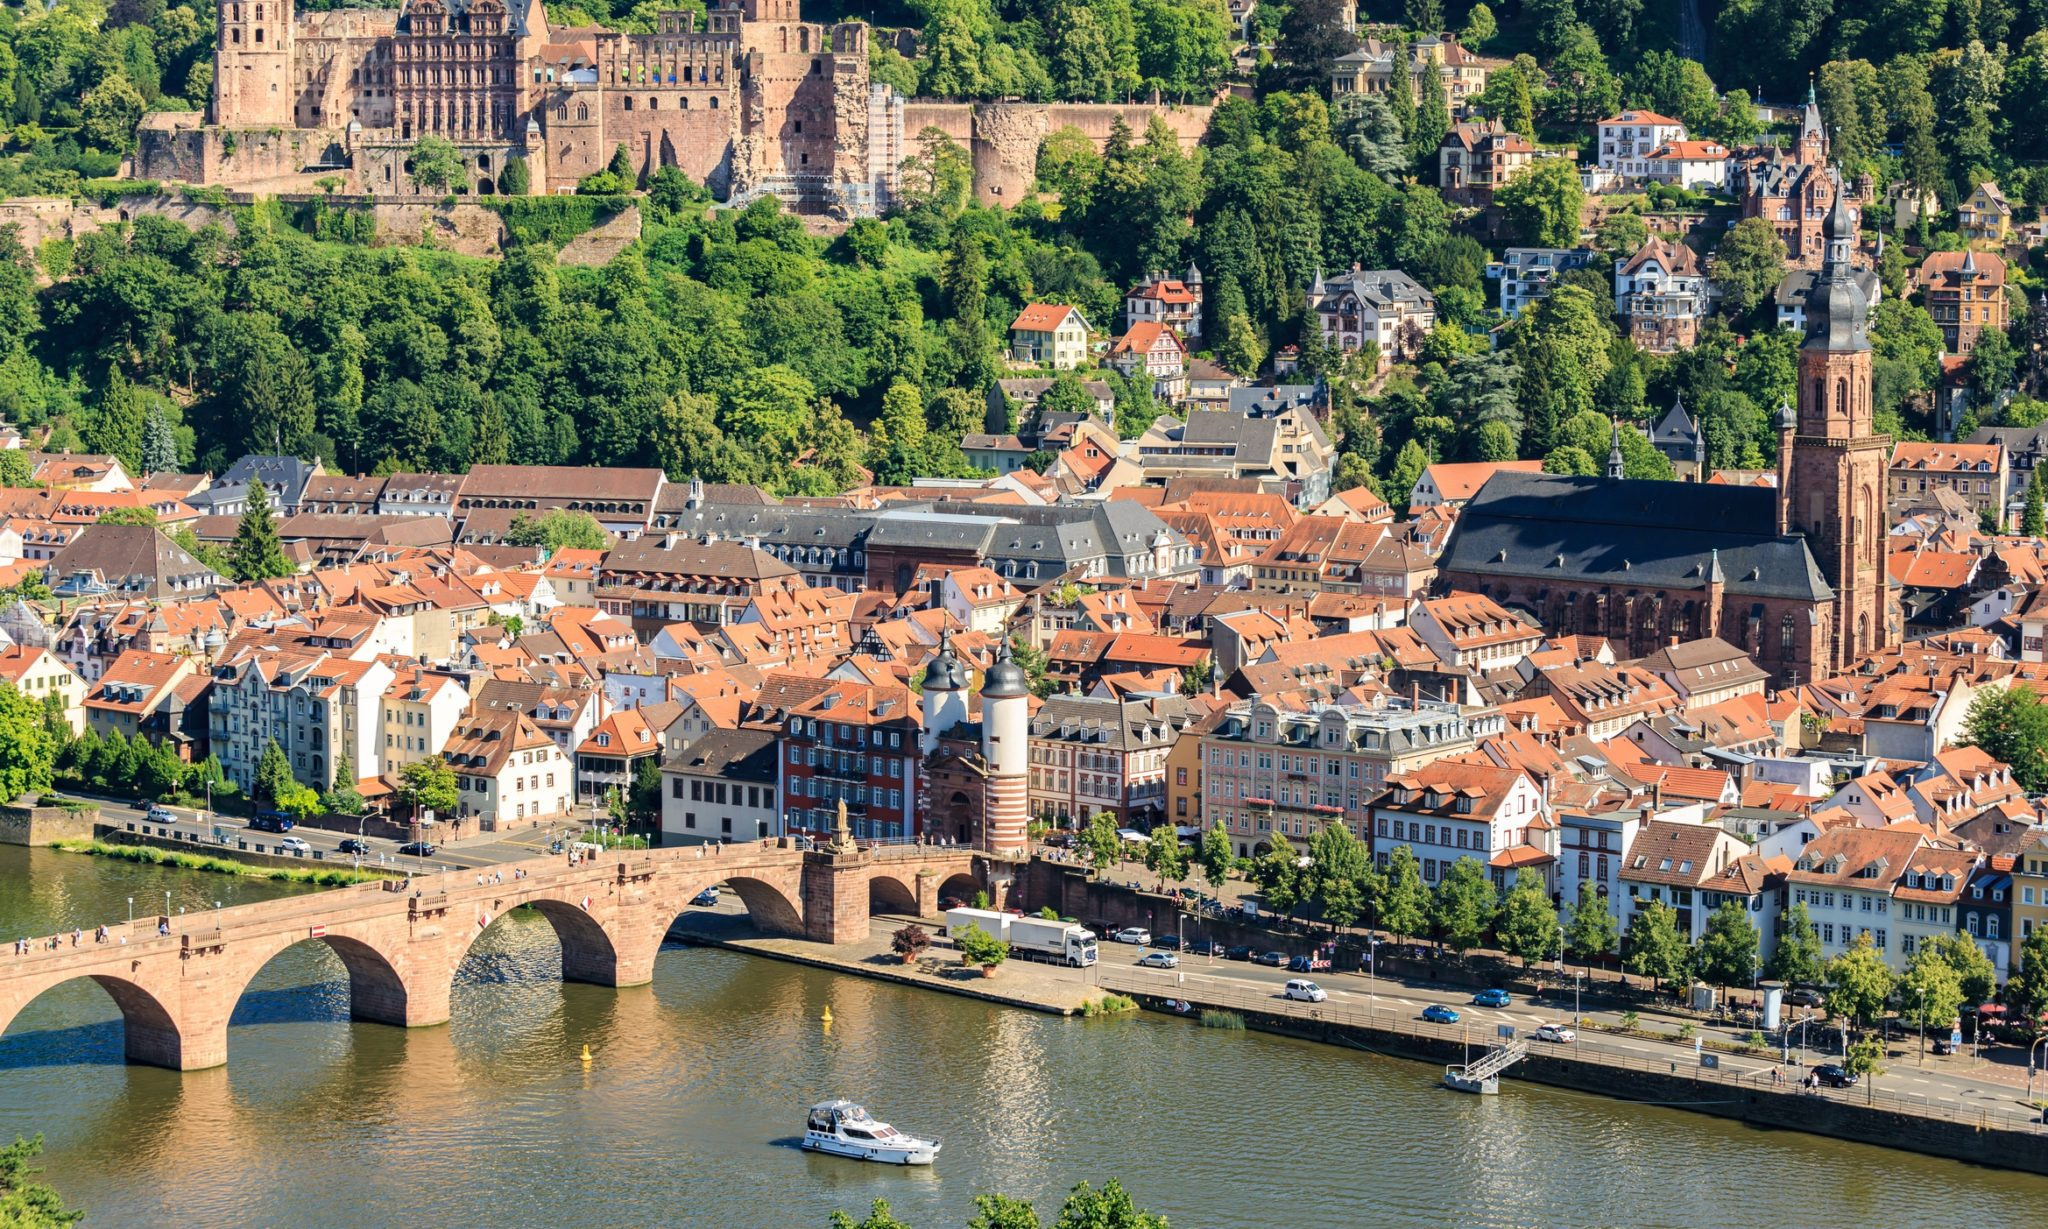 Haushaltsauflösung und Entrümpelung in Heidelberg